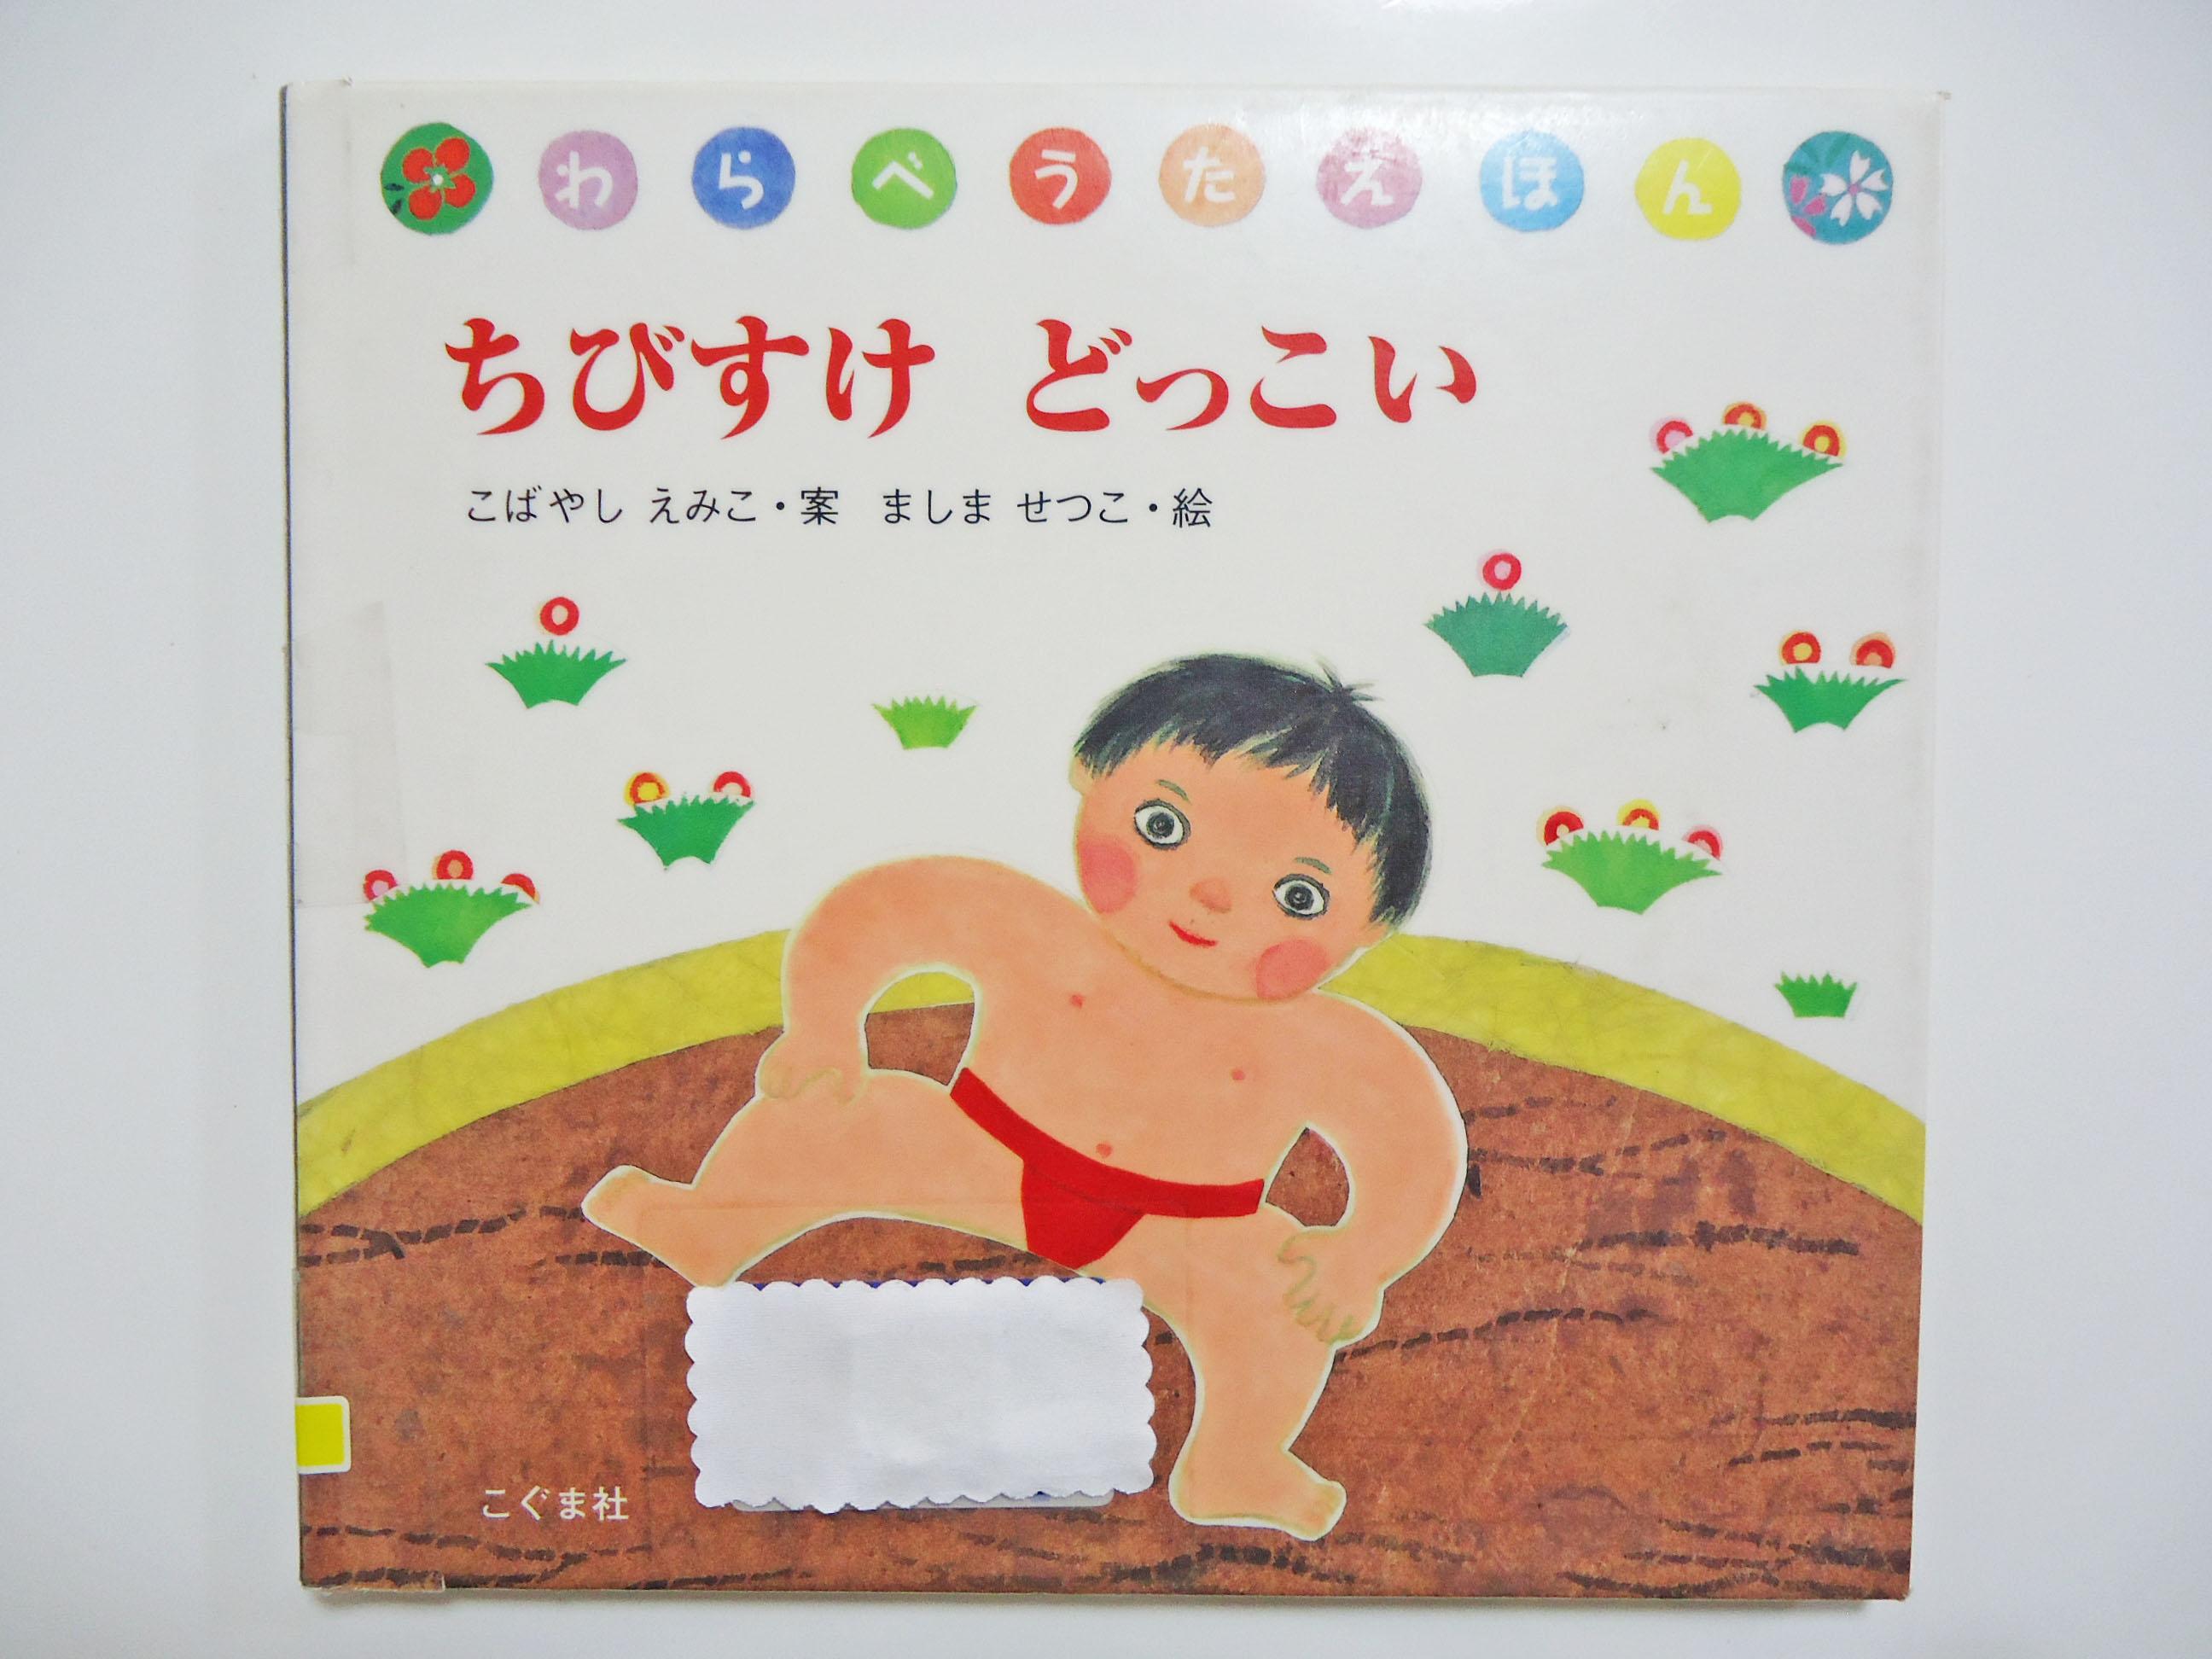 [絵本]『ちびすけどっこい』触れ合い遊びのきっかけにお相撲のわらべうたを♪ | おうちですごそう